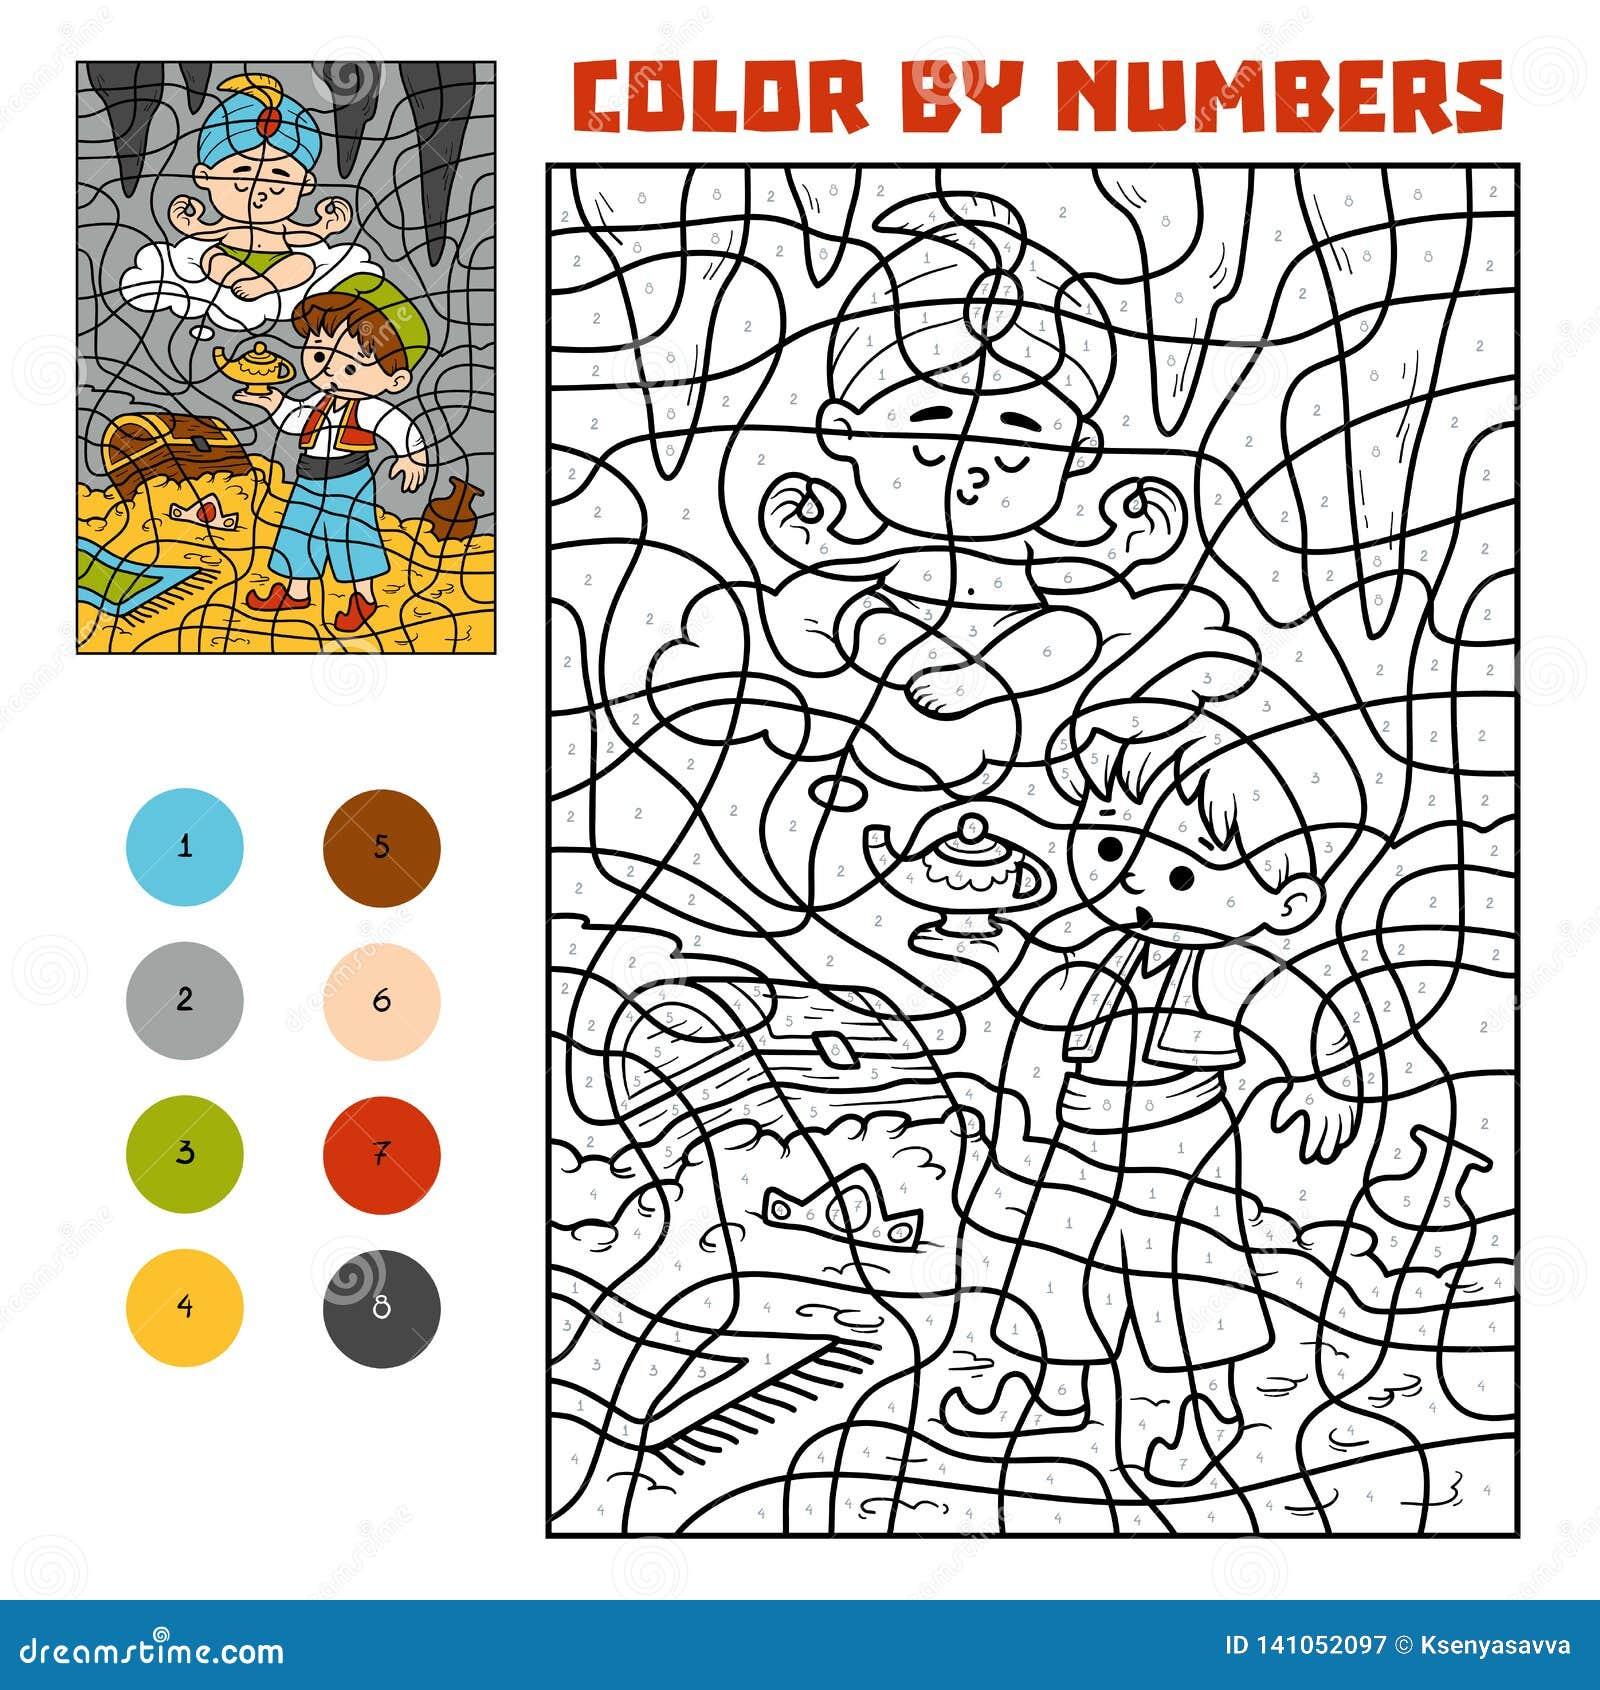 Kleur door aantal Sprookjes Aladdin en het genie in het schathol